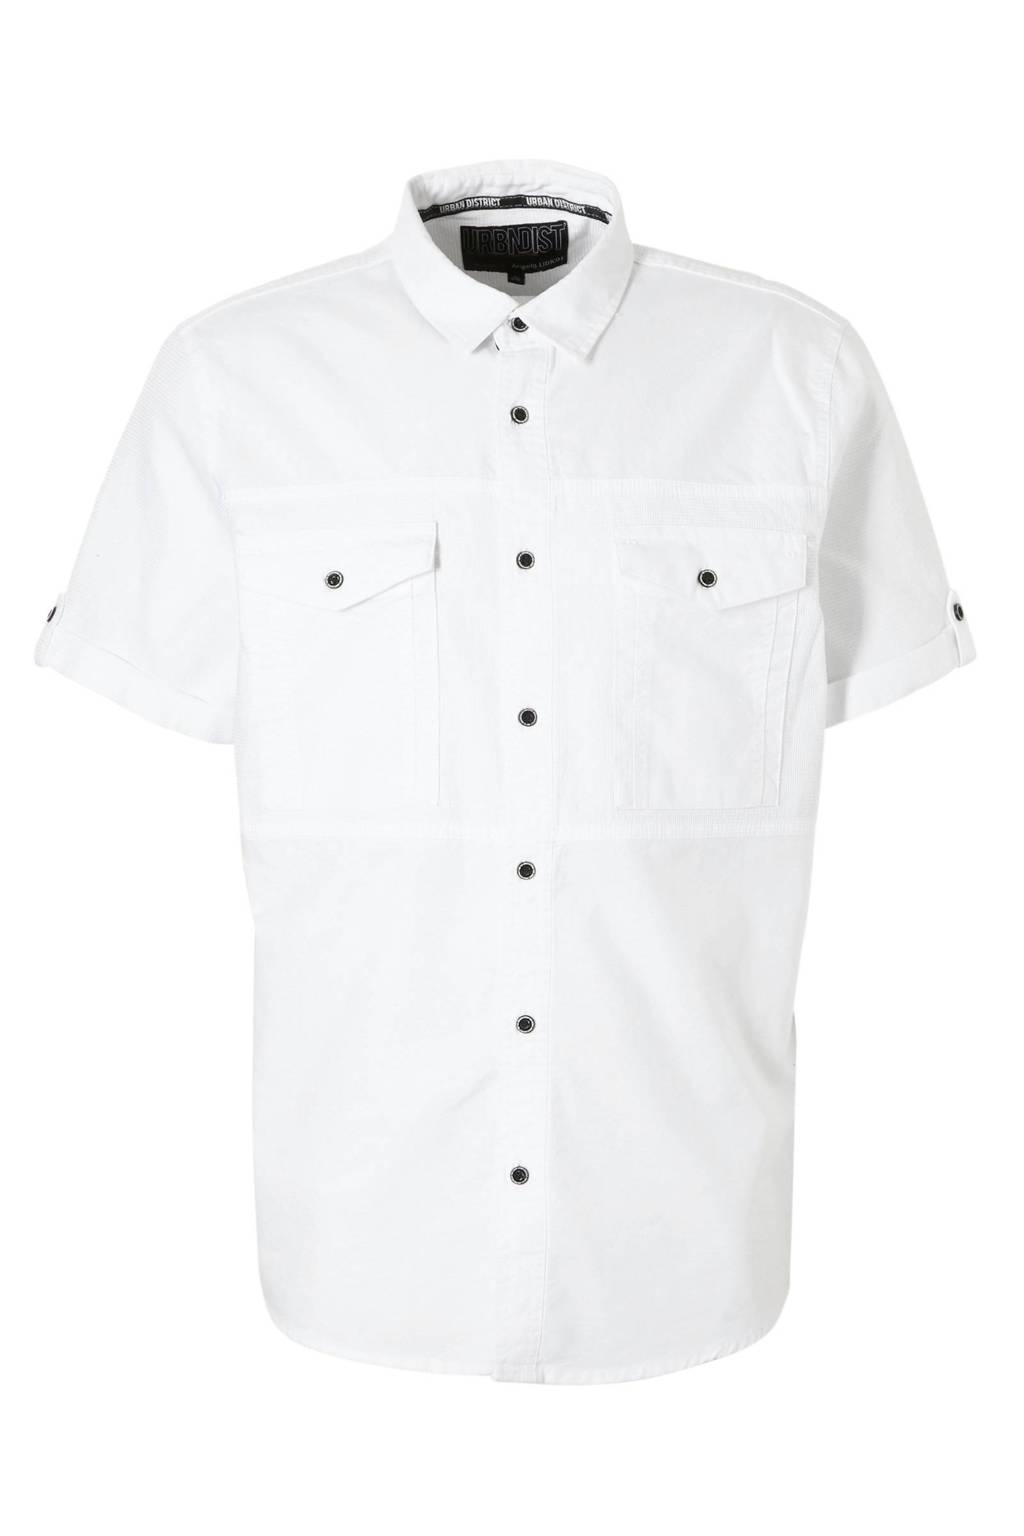 Overhemd Wit Korte Mouw.C A Angelo Litrico Overhemd Korte Mouw Wehkamp